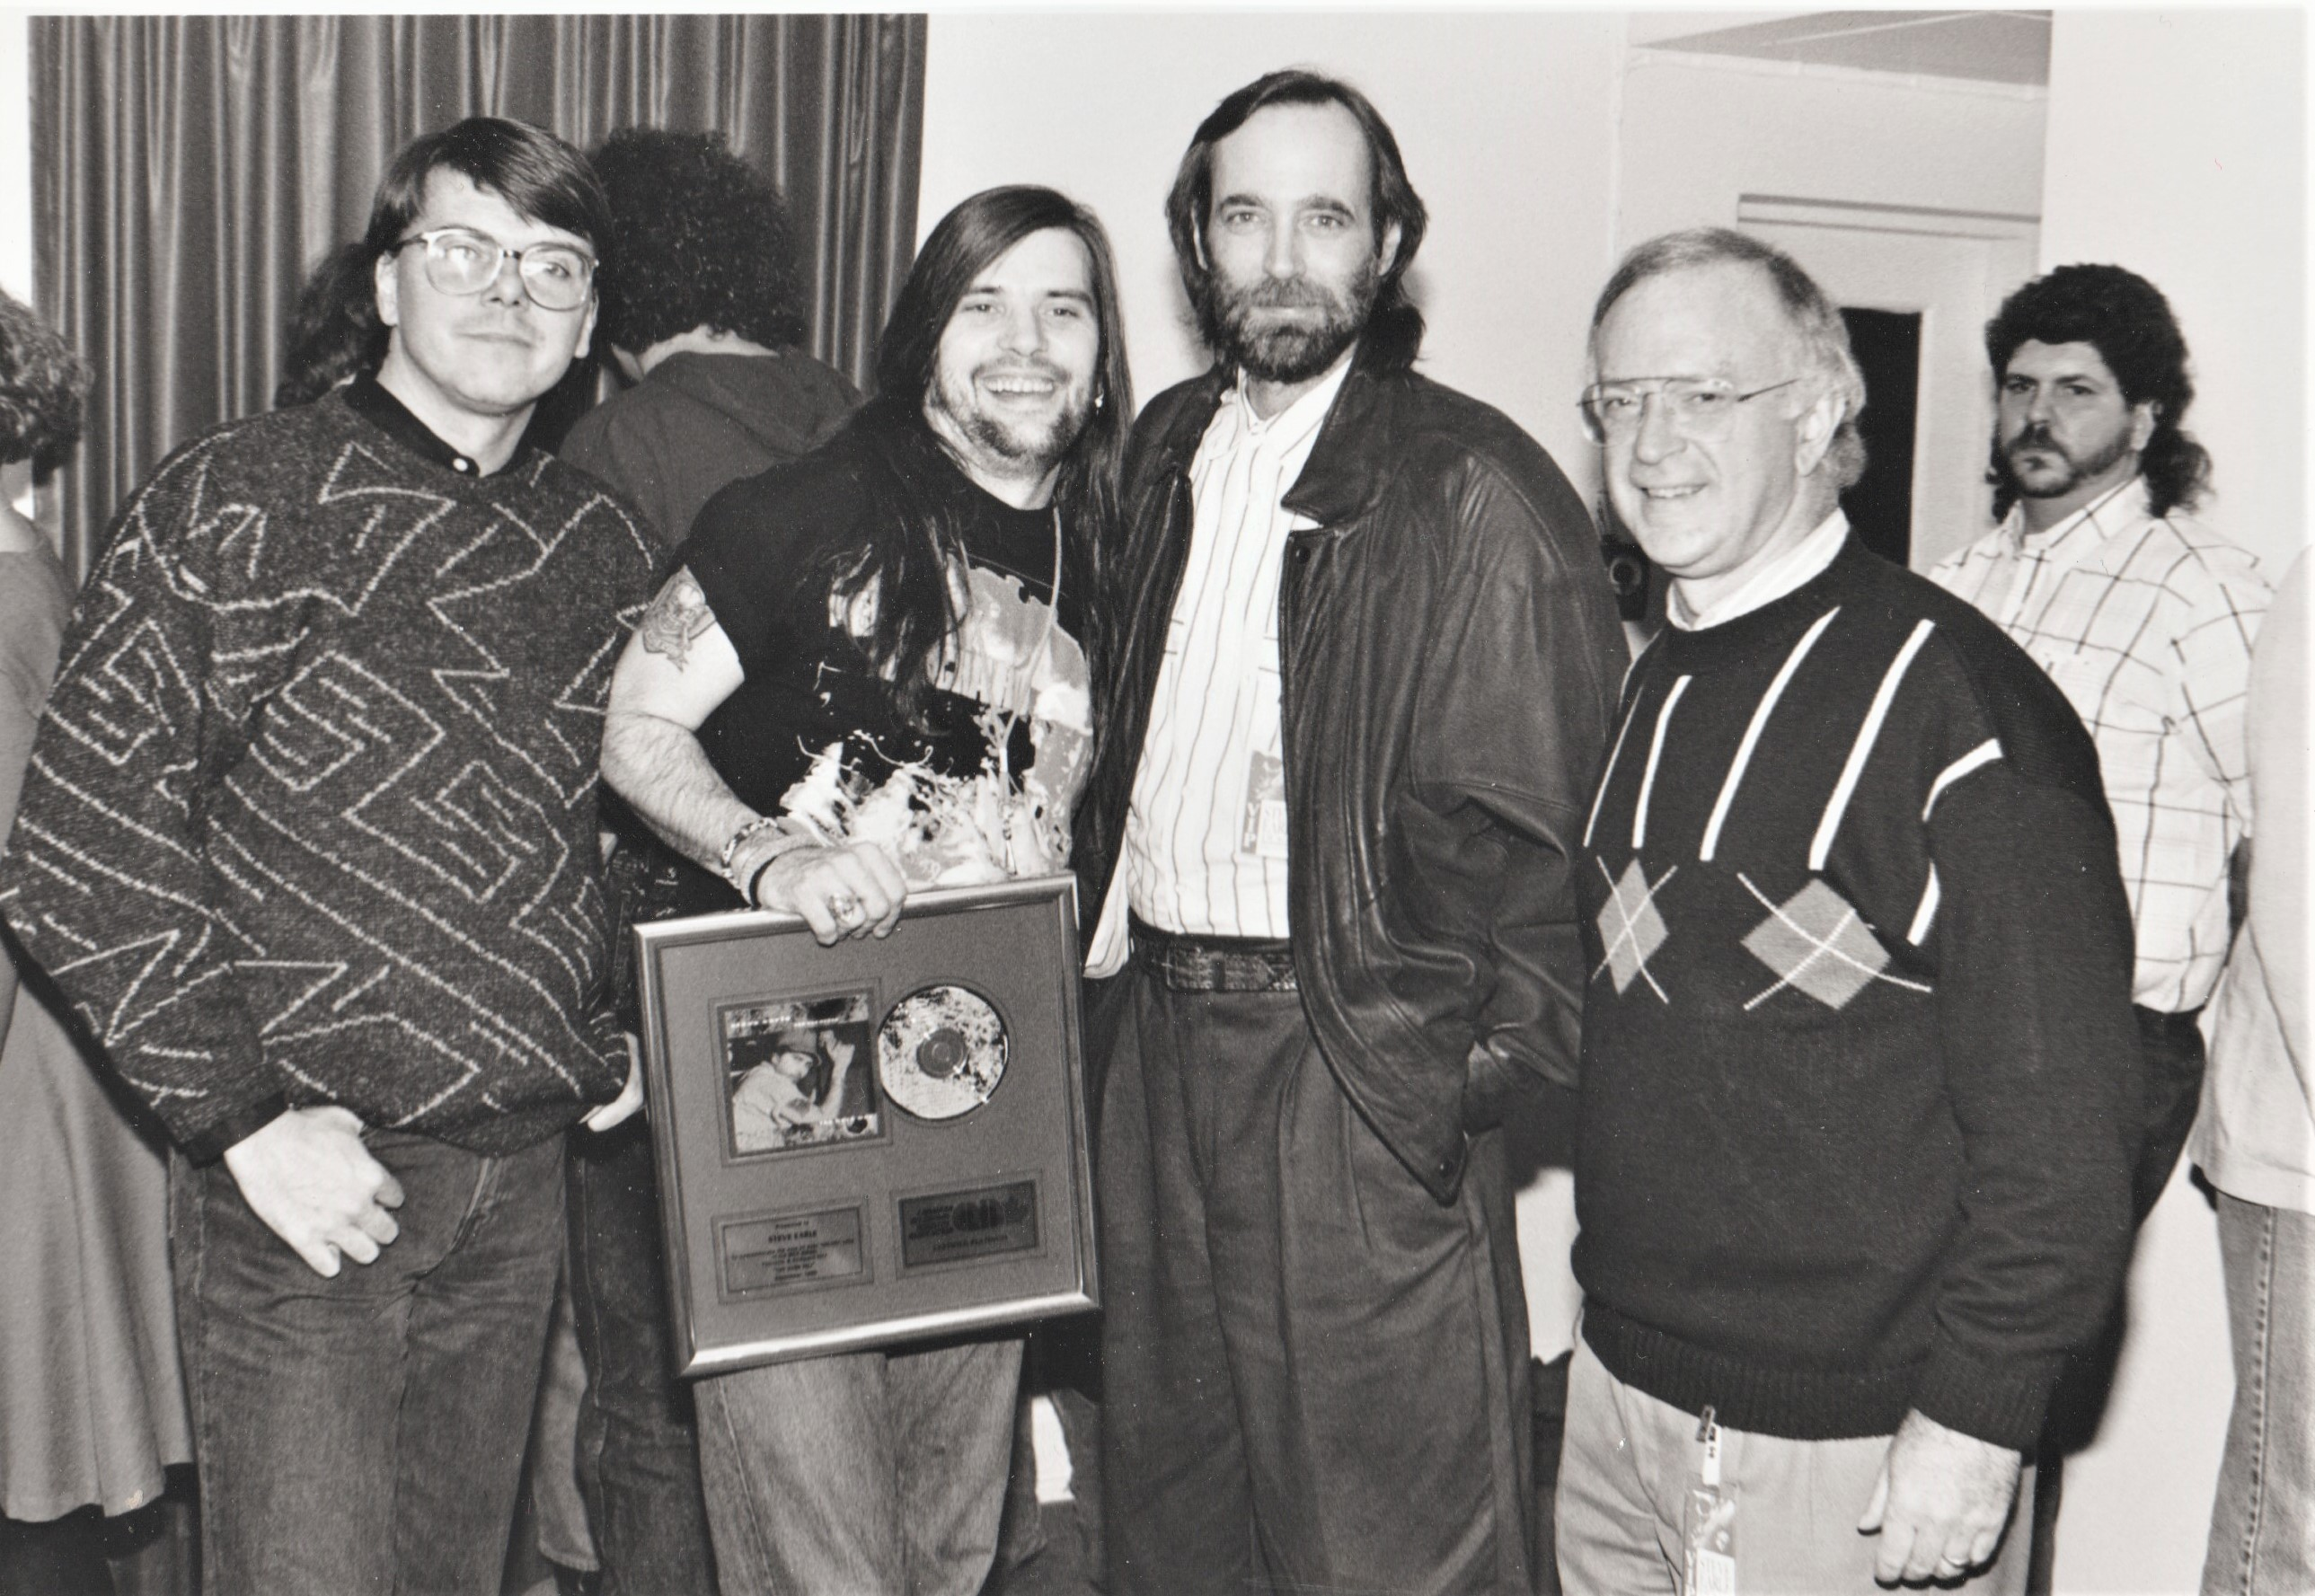 Randy Lennox, Steve Earle, Stephen Tennant, and MCA topper Ross Reynolds in Nov. 1980.